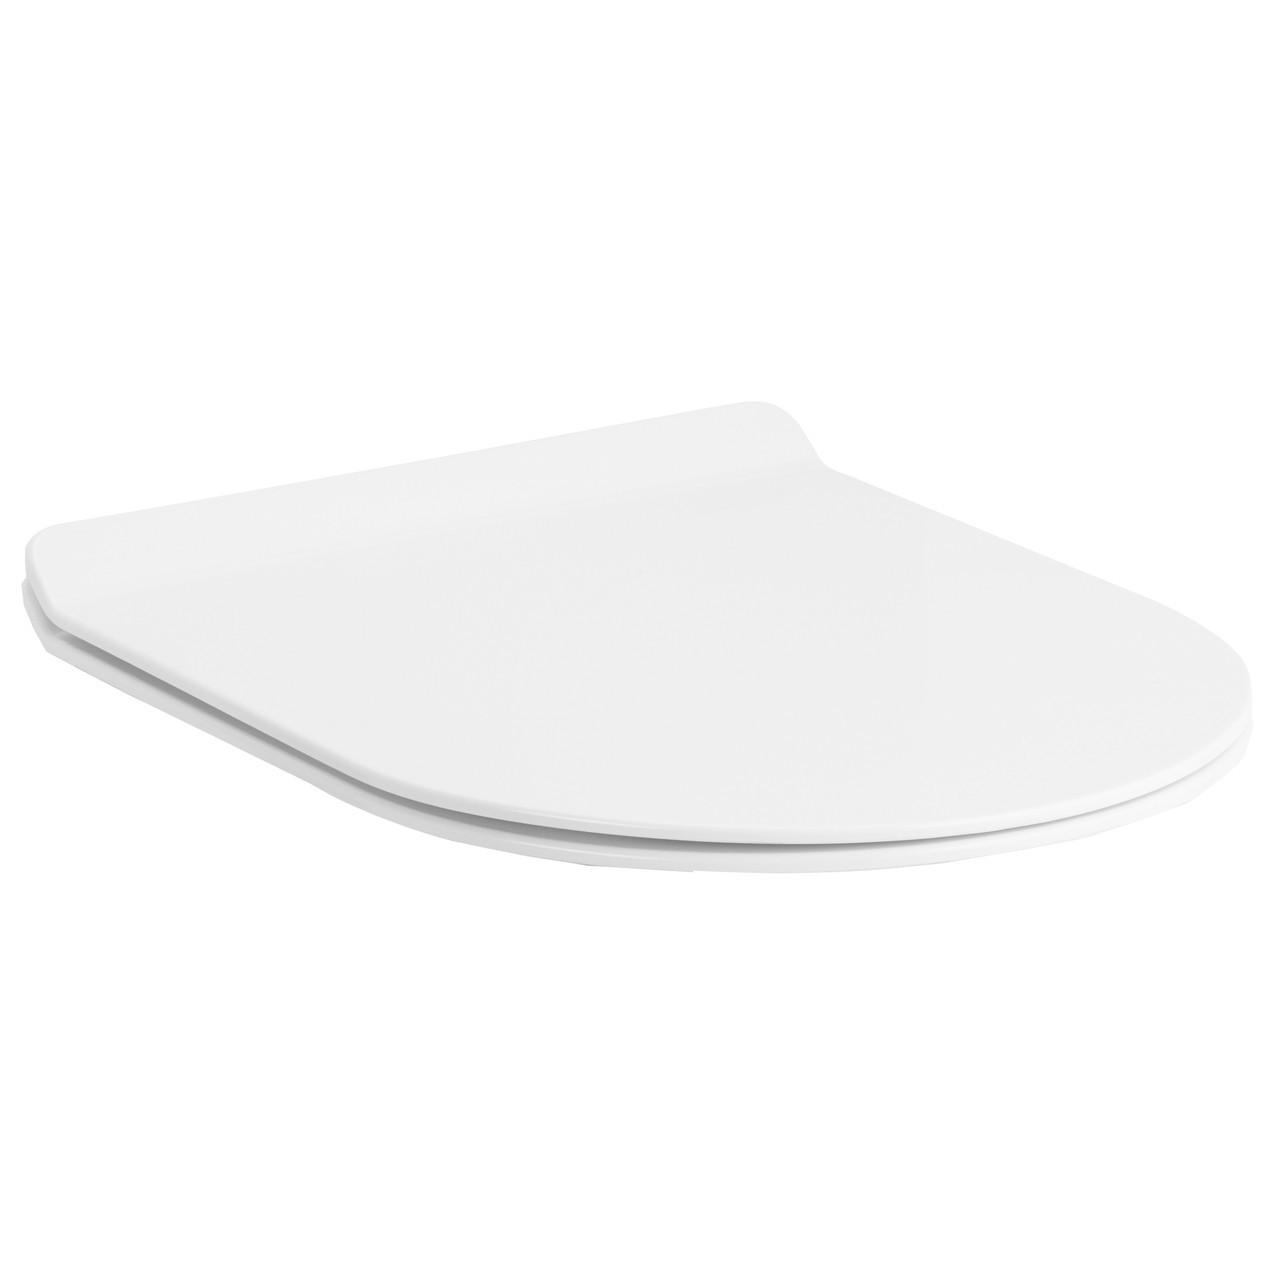 Сиденье для унитаза Slim твердое slow-closing крепление метал Volle Fiesta Rim 13-77-033 белый